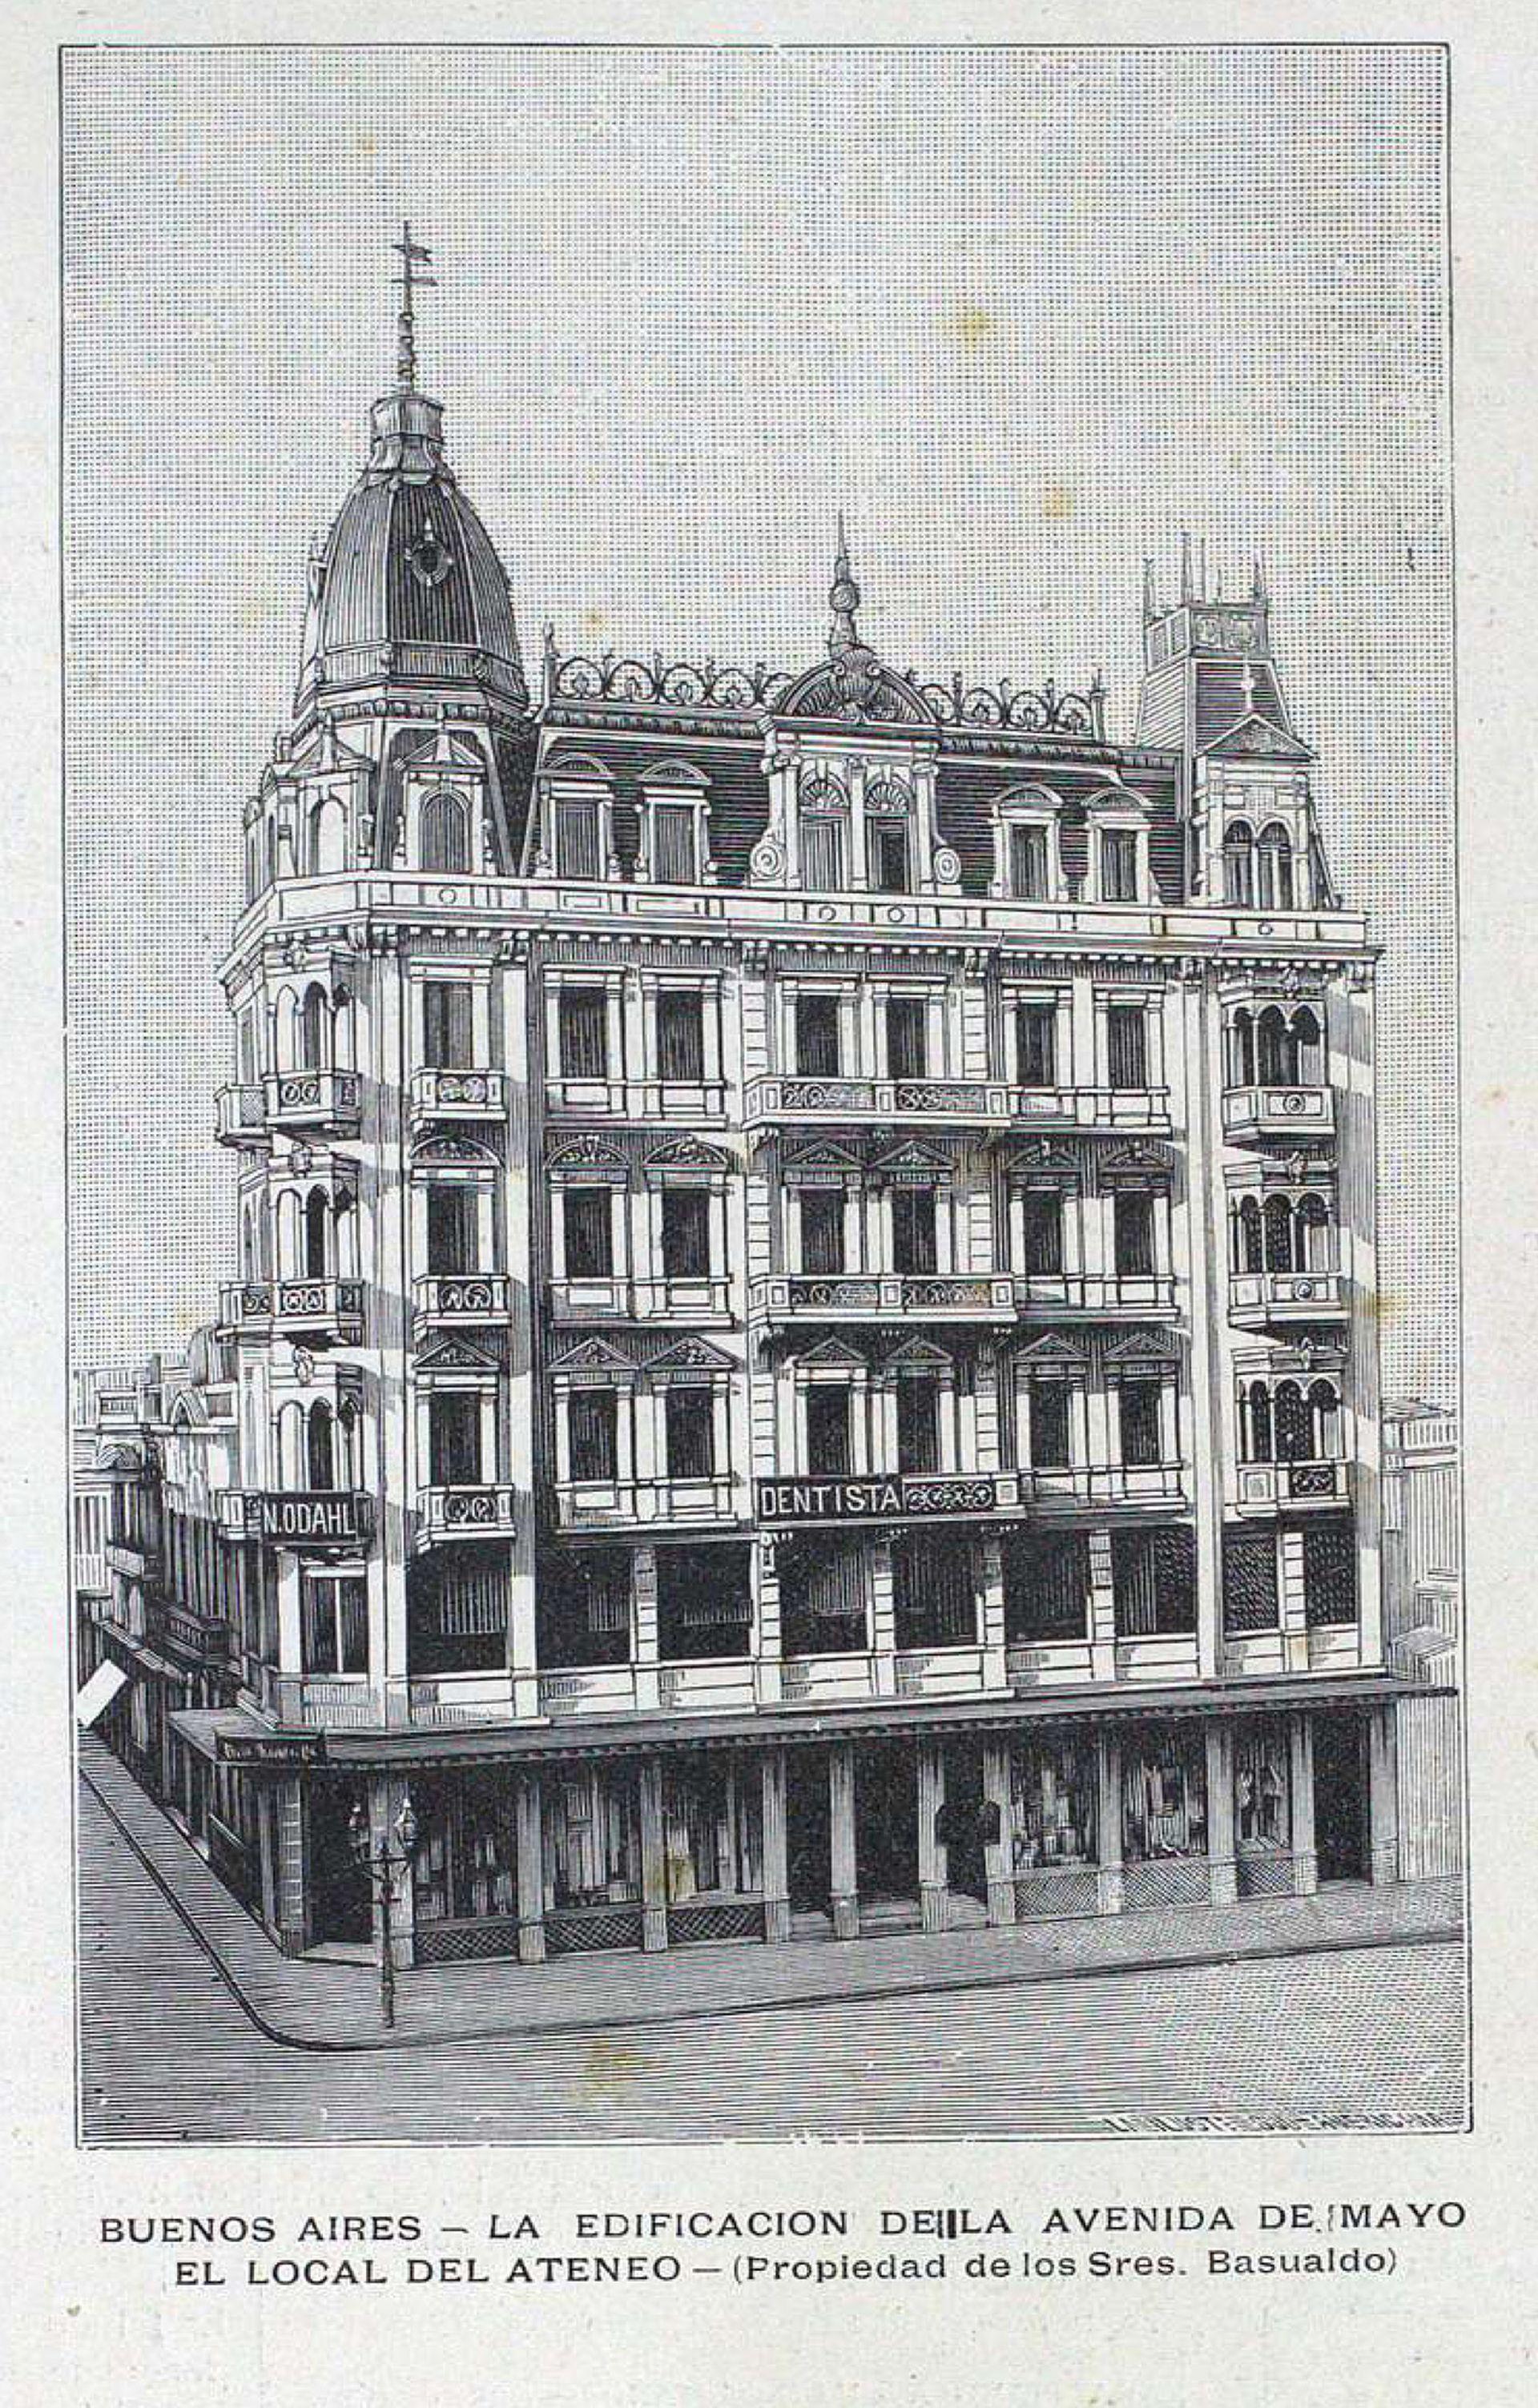 Esquina de Piedras y Av. de Mayo, uno de los primeros edificios de la avenida. Aunque bastante modificado, aún se mantiene en pie.